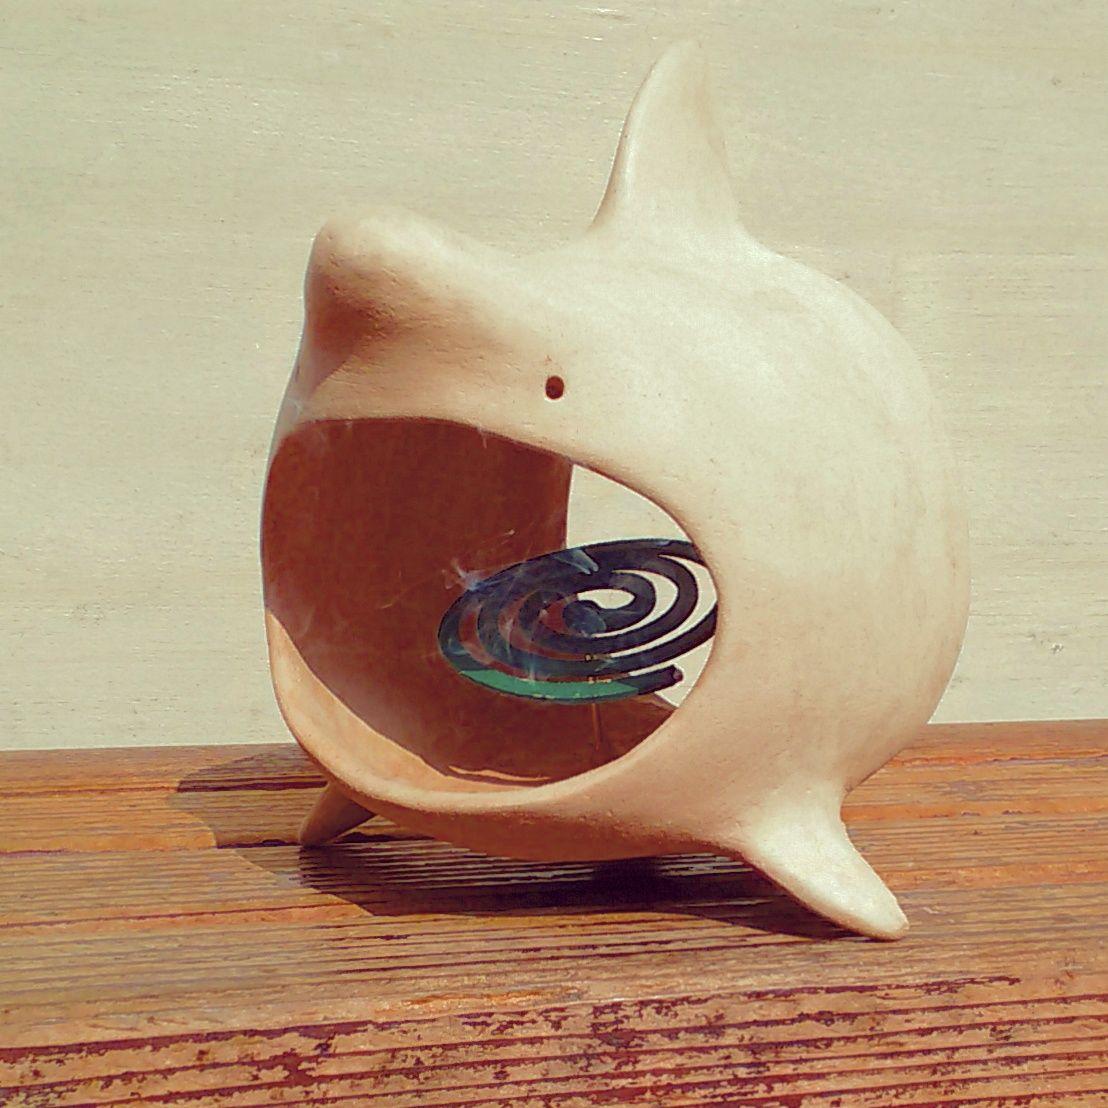 ウバザメ蚊取り線香 ヨッキーのサメ好きブログ 楽天ブログ ウバザメ サメ 博物学